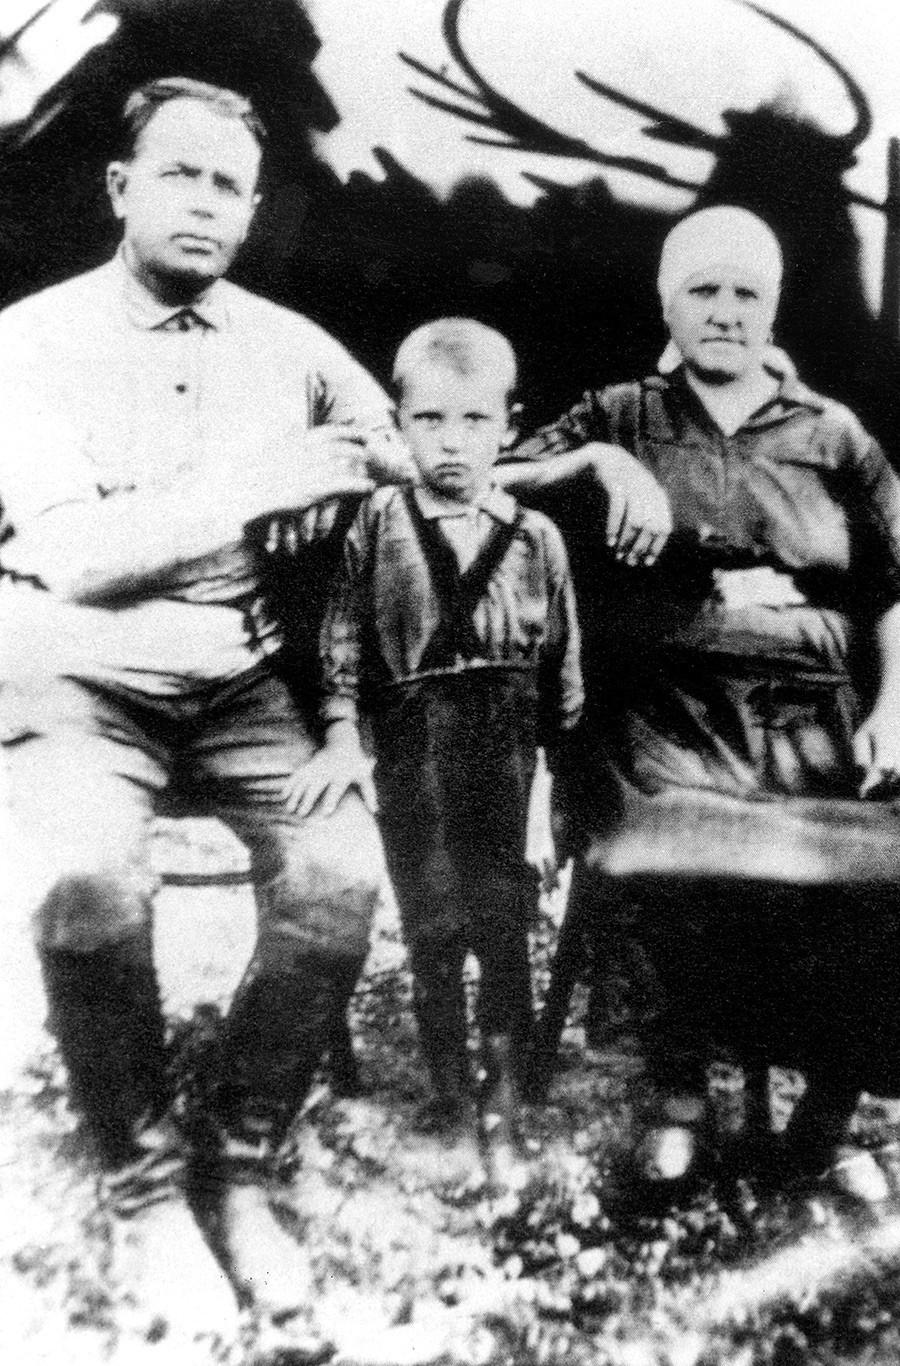 Gorbatschow als 4-jähriges Kind in Priwolnoje, um 1935